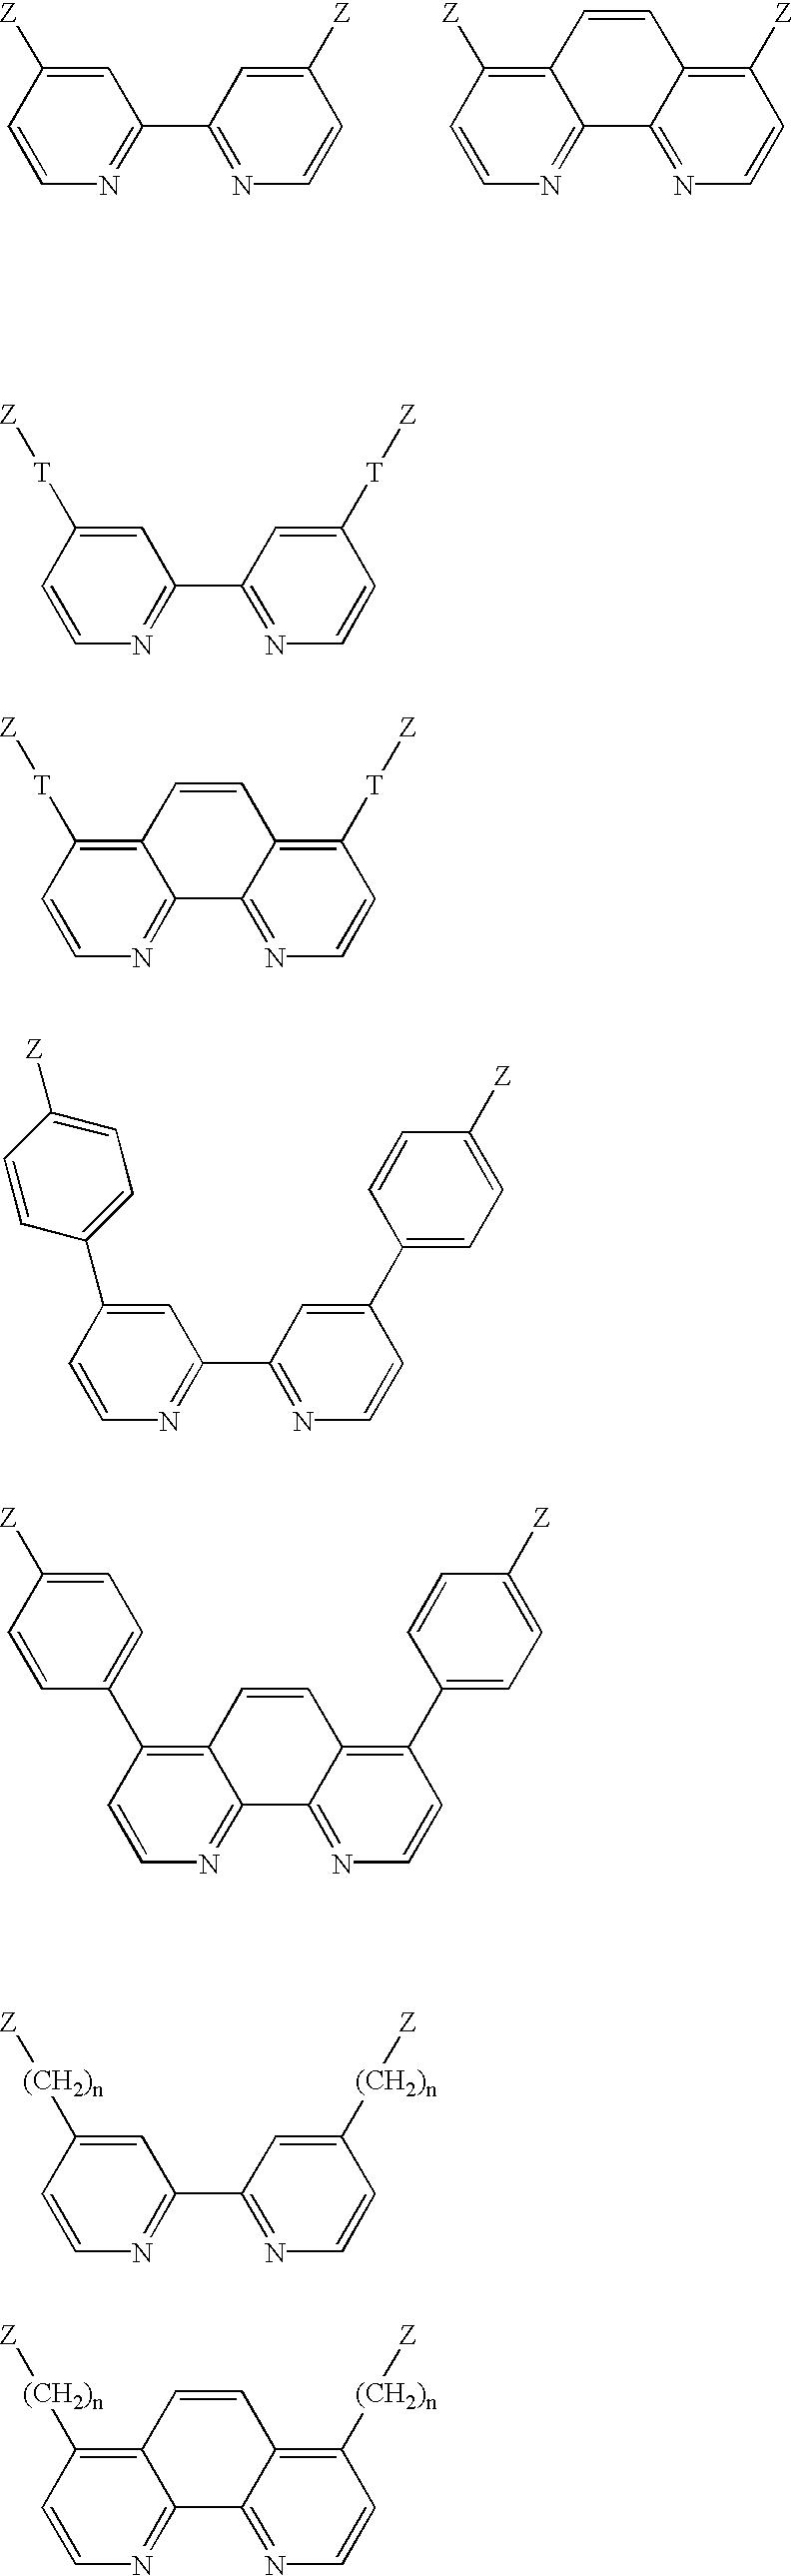 Figure US06808939-20041026-C00003